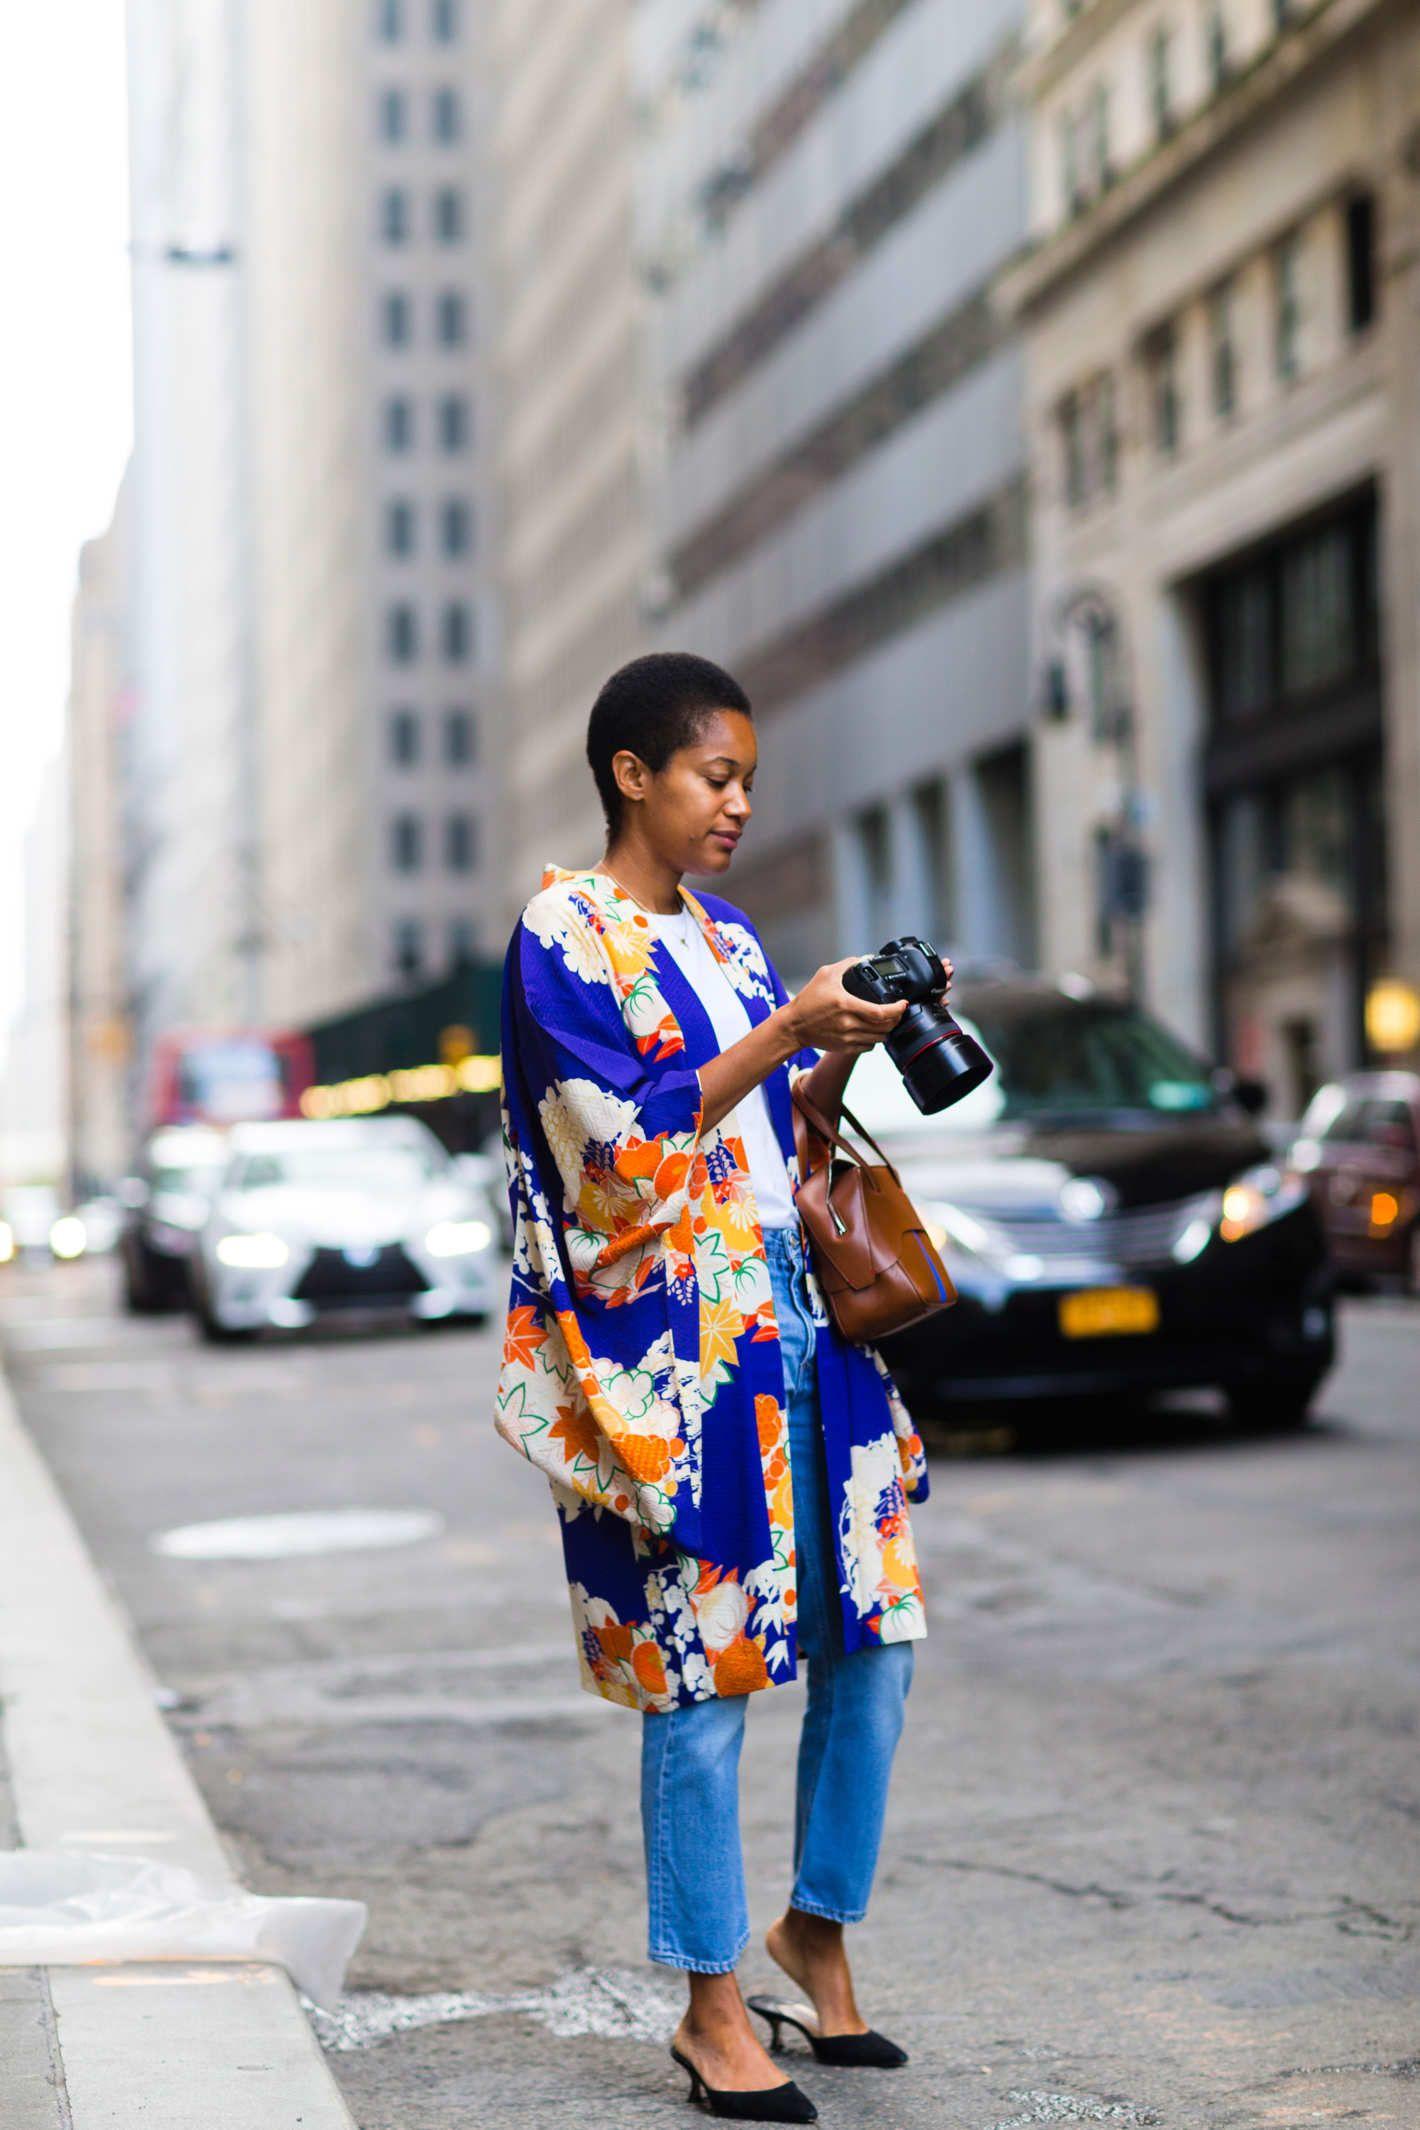 0399cff66f4c www.yokodana.com found this --NY Fashion Show Photog-How to Wear a Kimono  and Jeans to New York Fashion Week